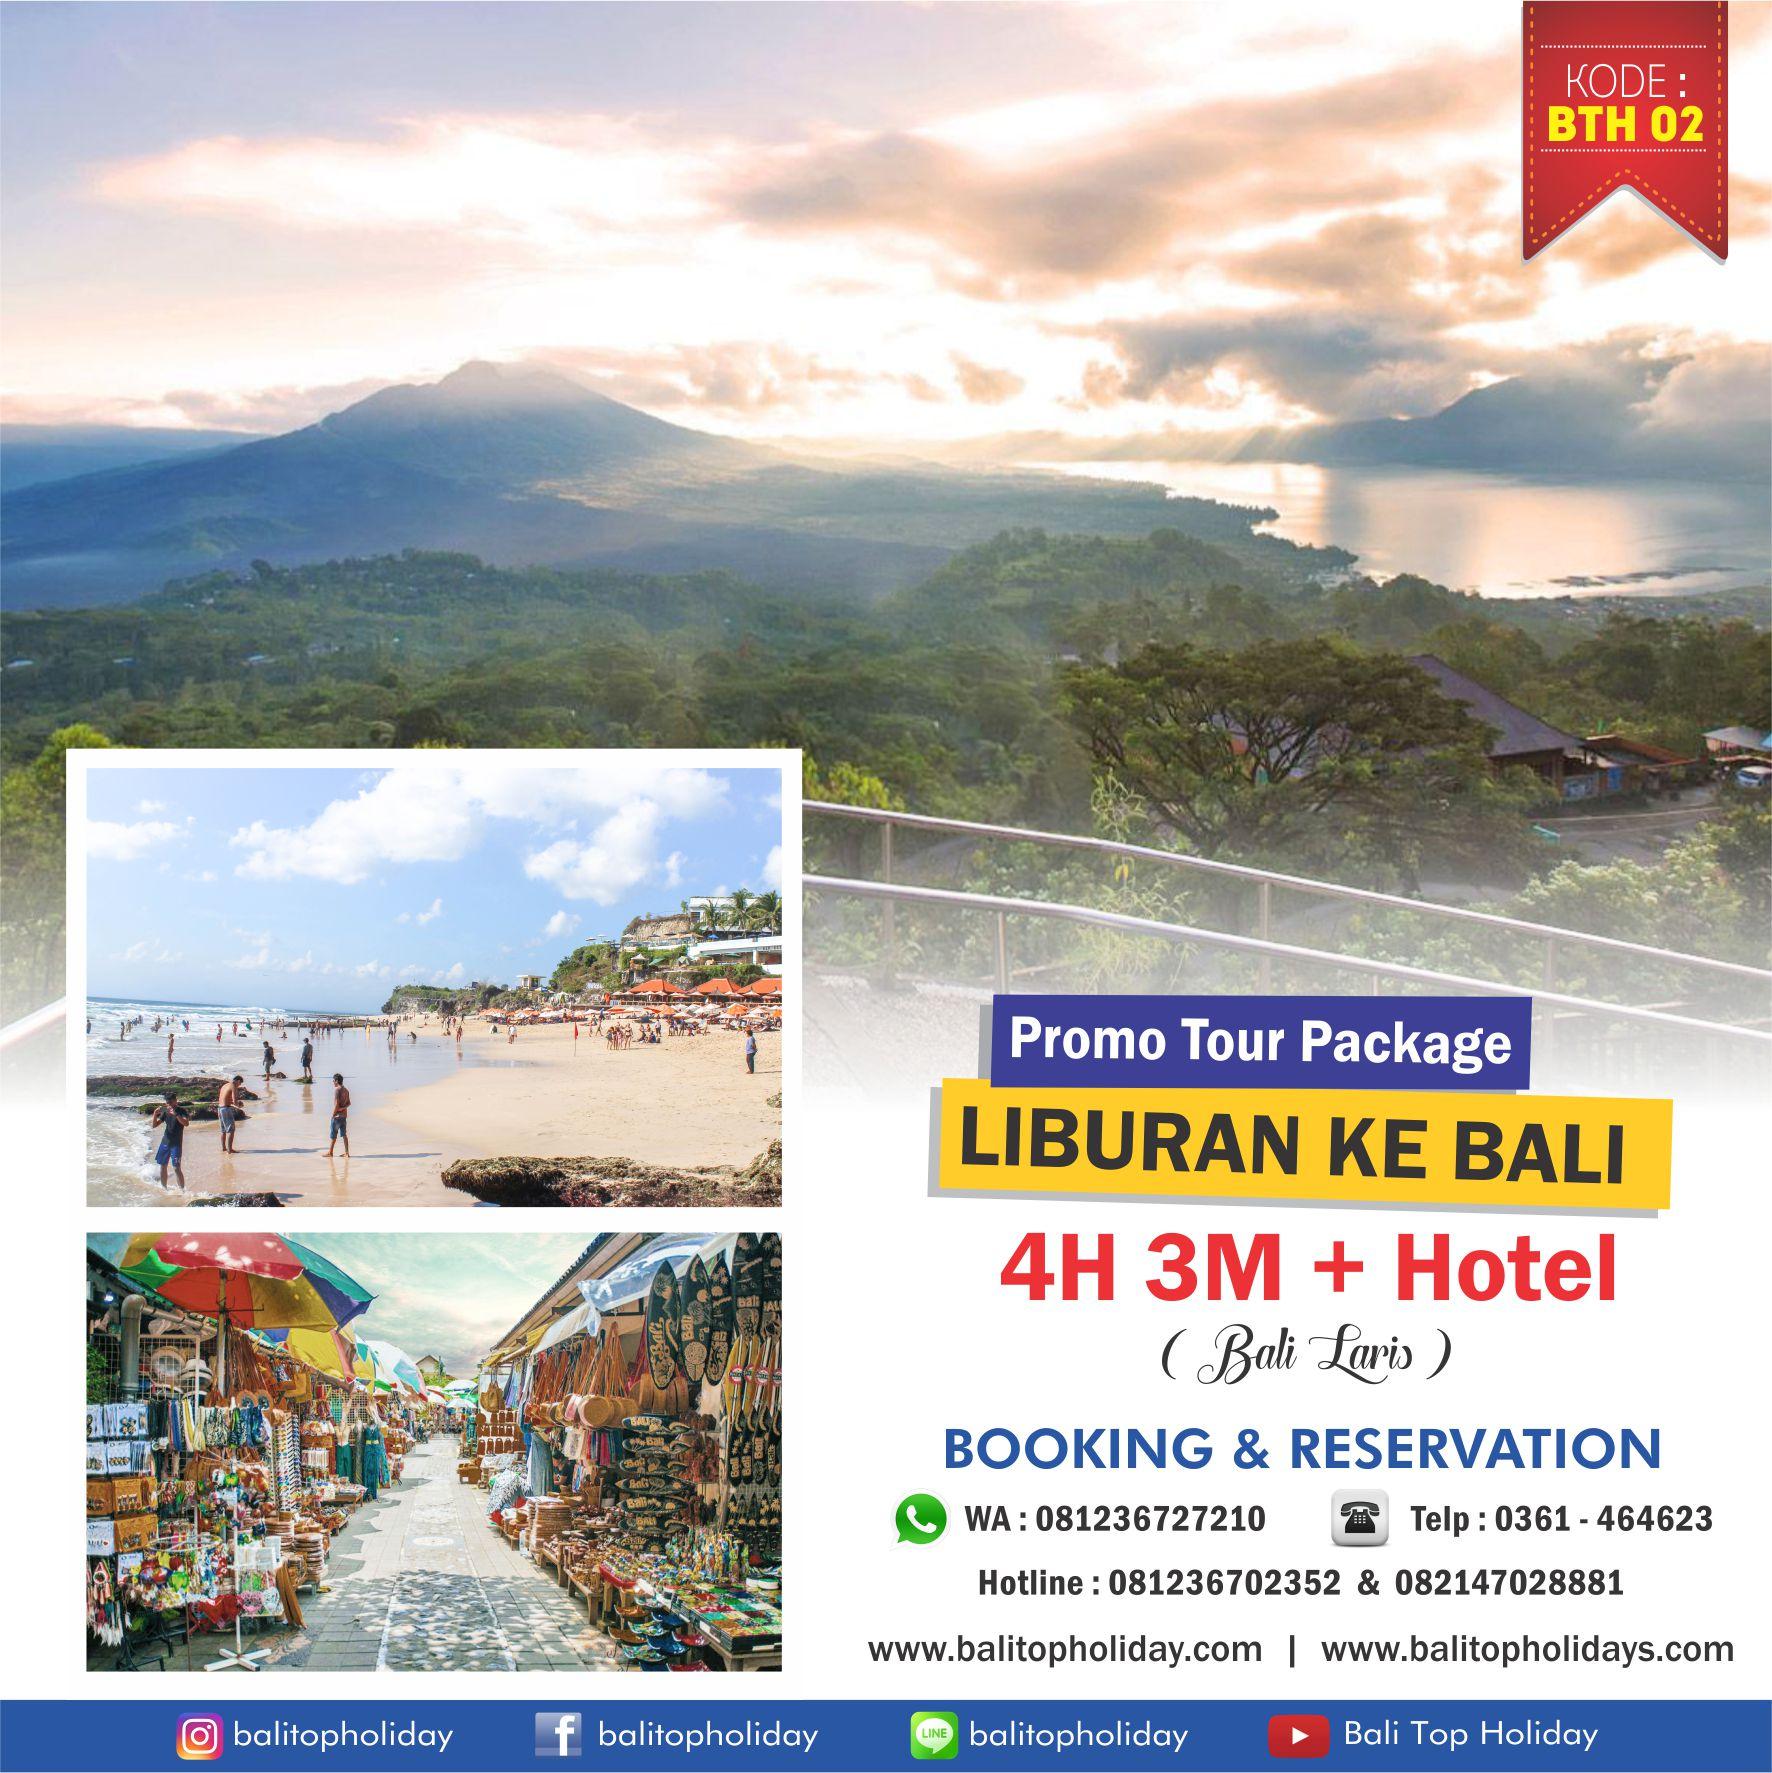 Paket Tour Bali 4 Hari 3 Malam (Bali Laris)